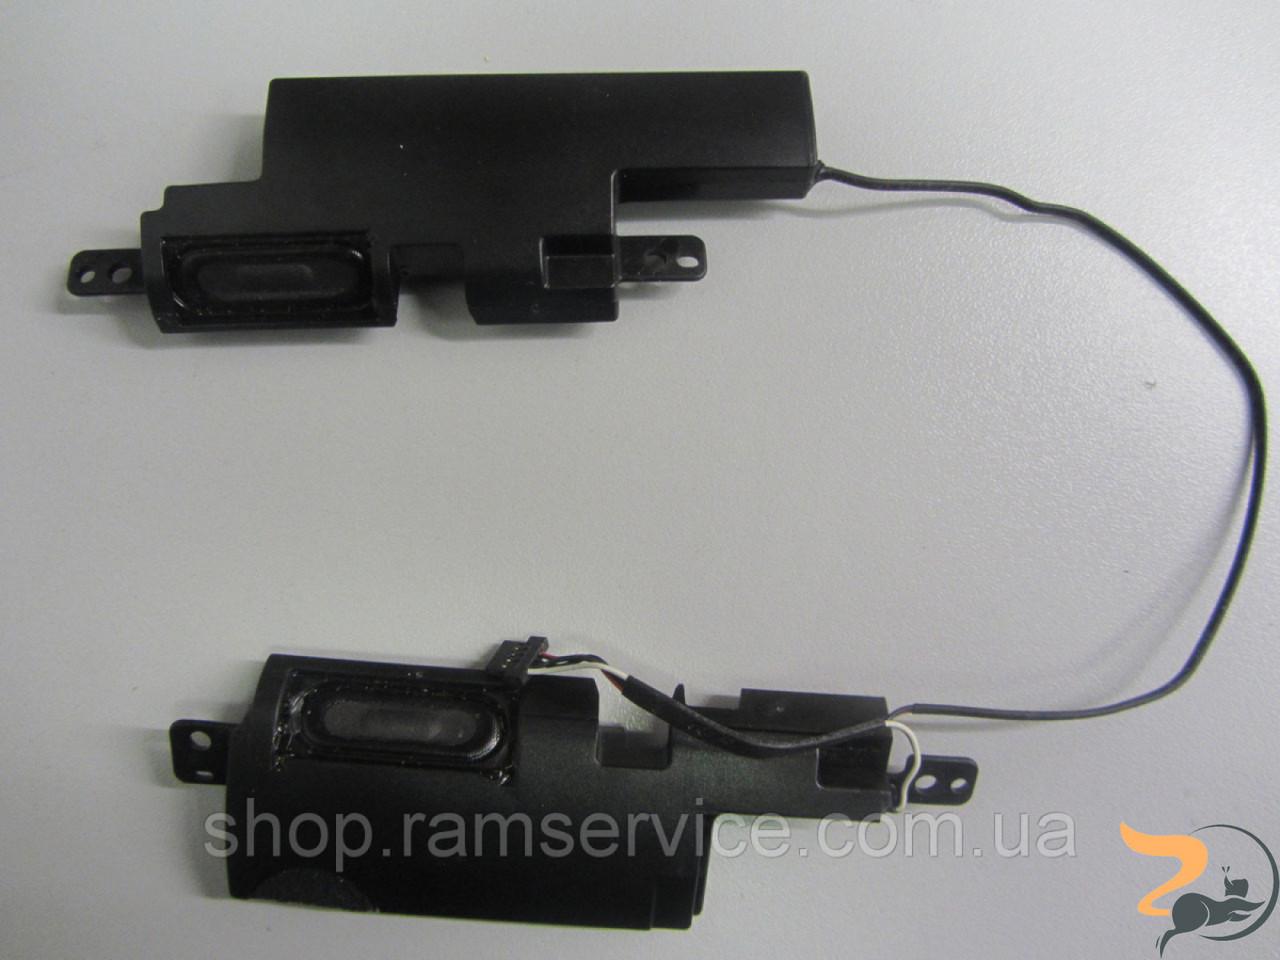 Динаміки для ноутбука HP Pavilion DV6-3000 series, aas3plx6tp303aad352, б/в